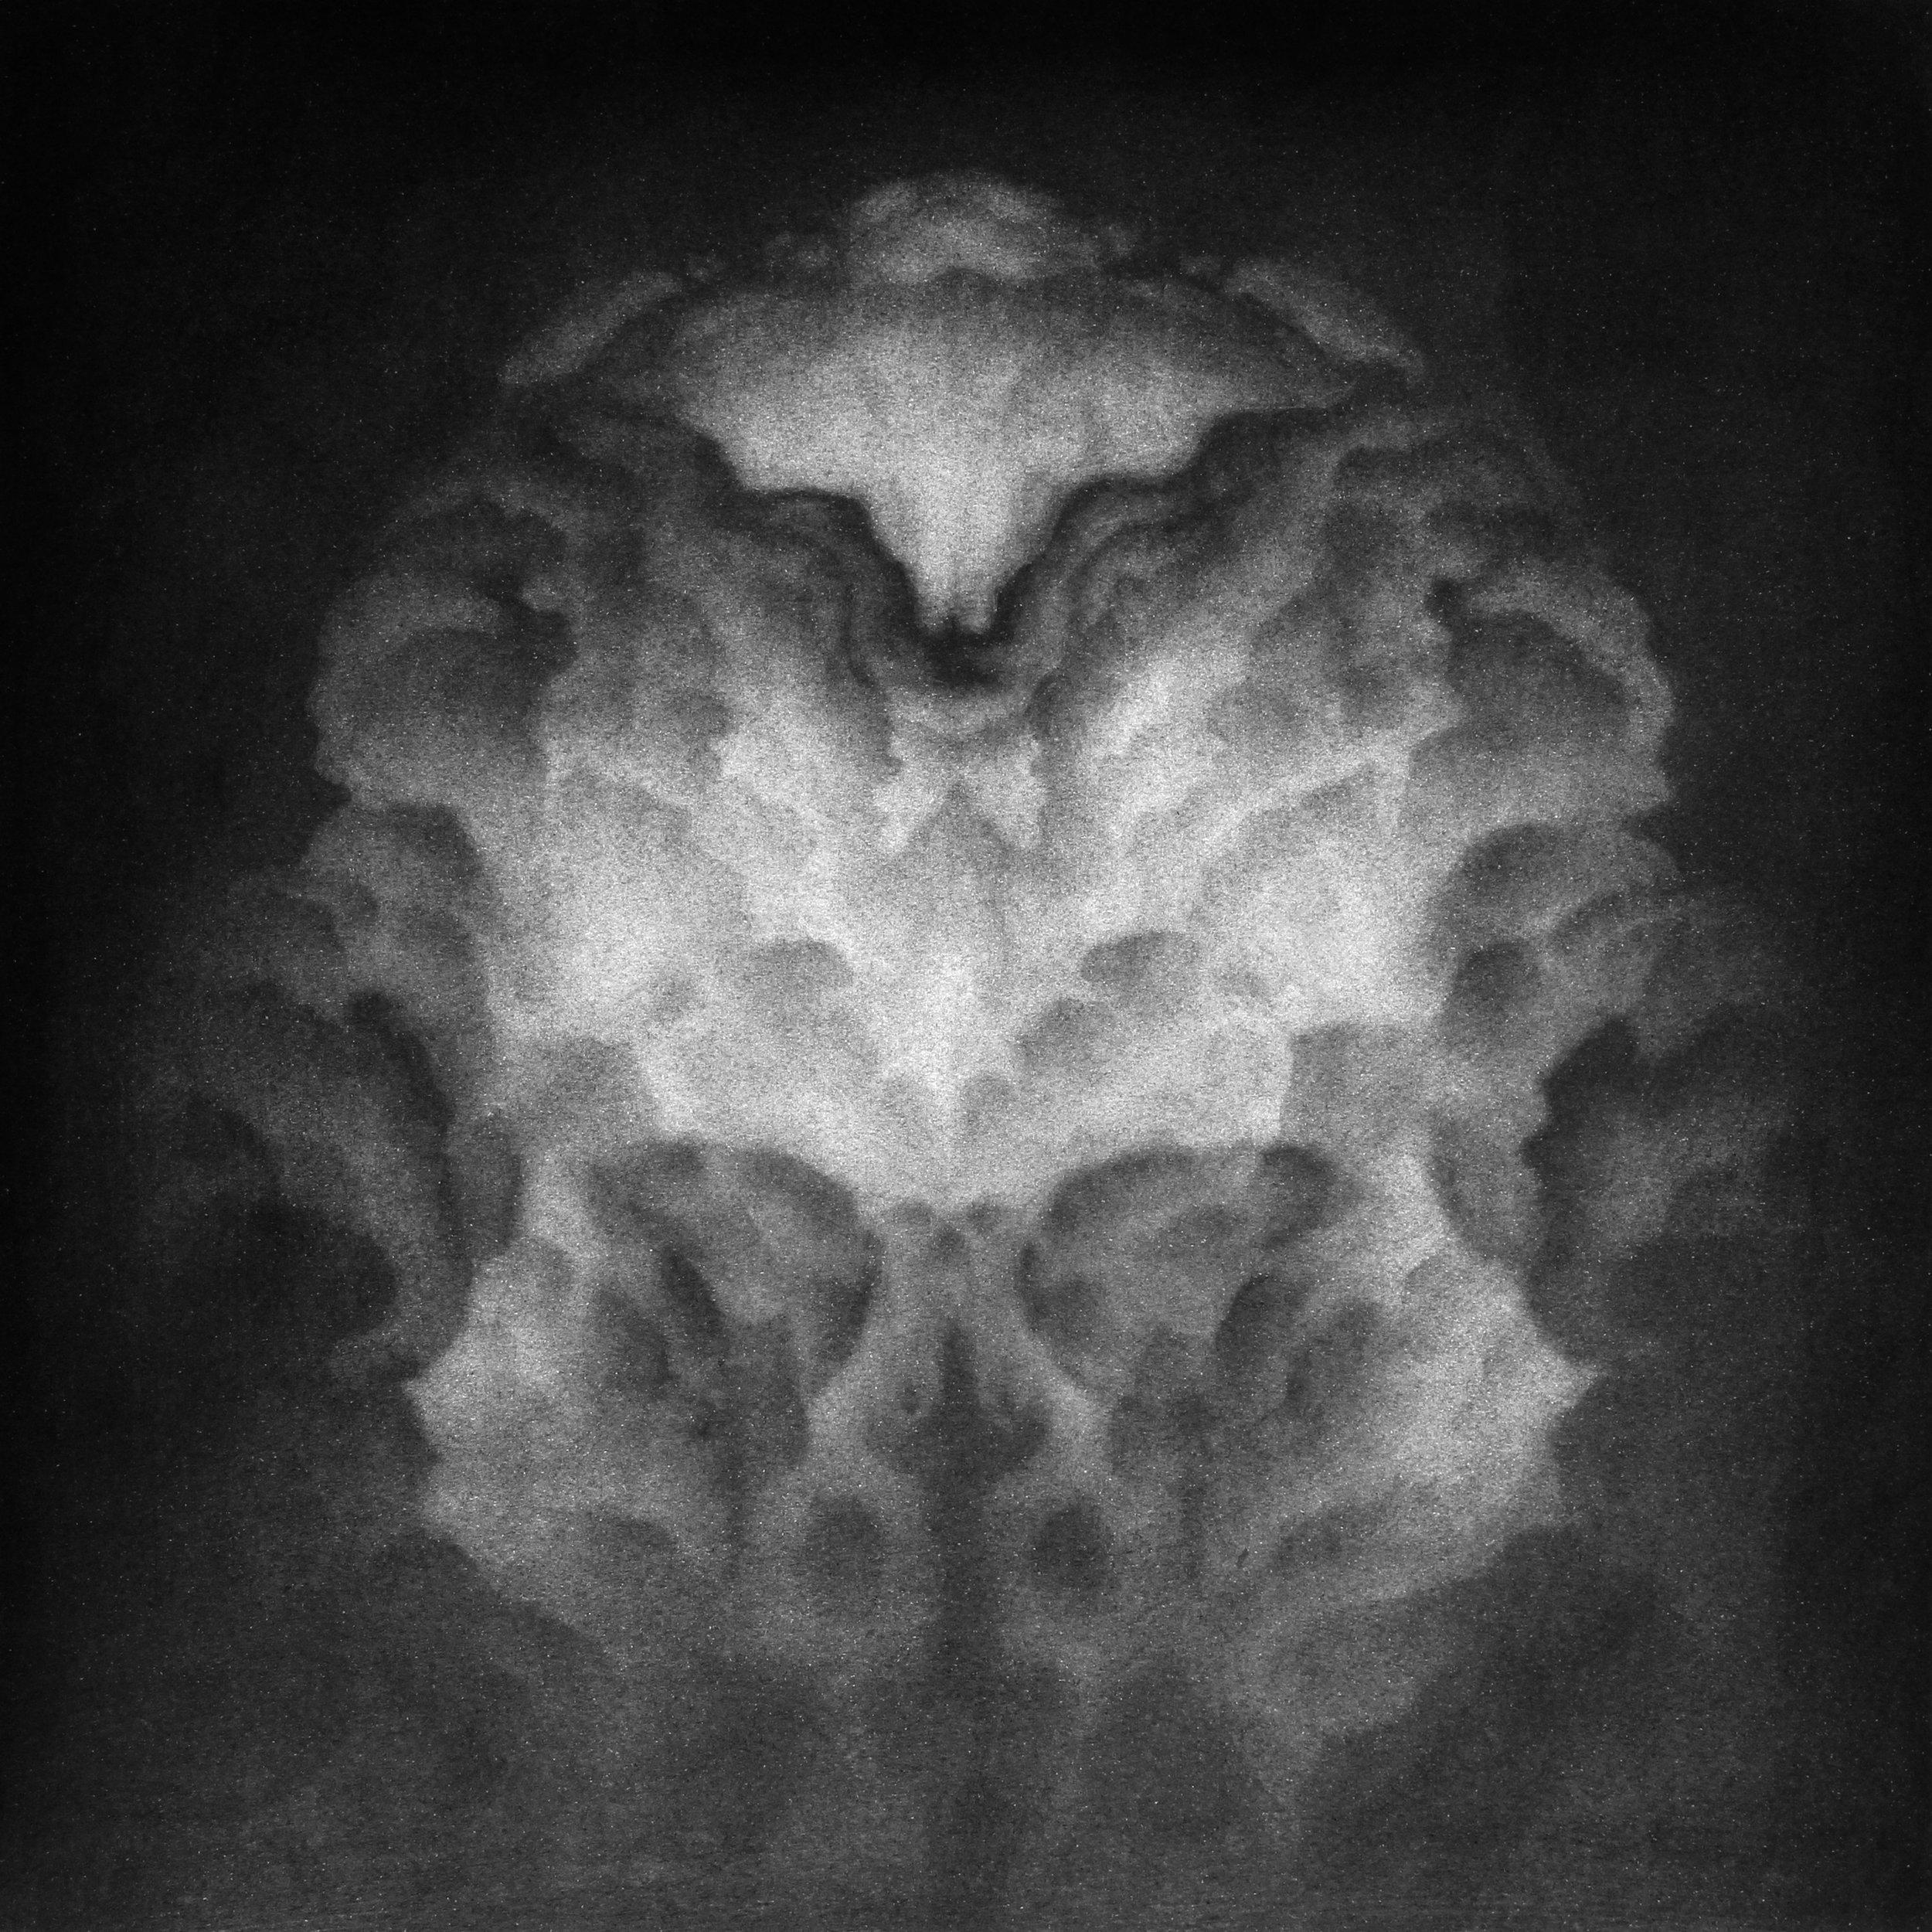 Simetrías celestes III